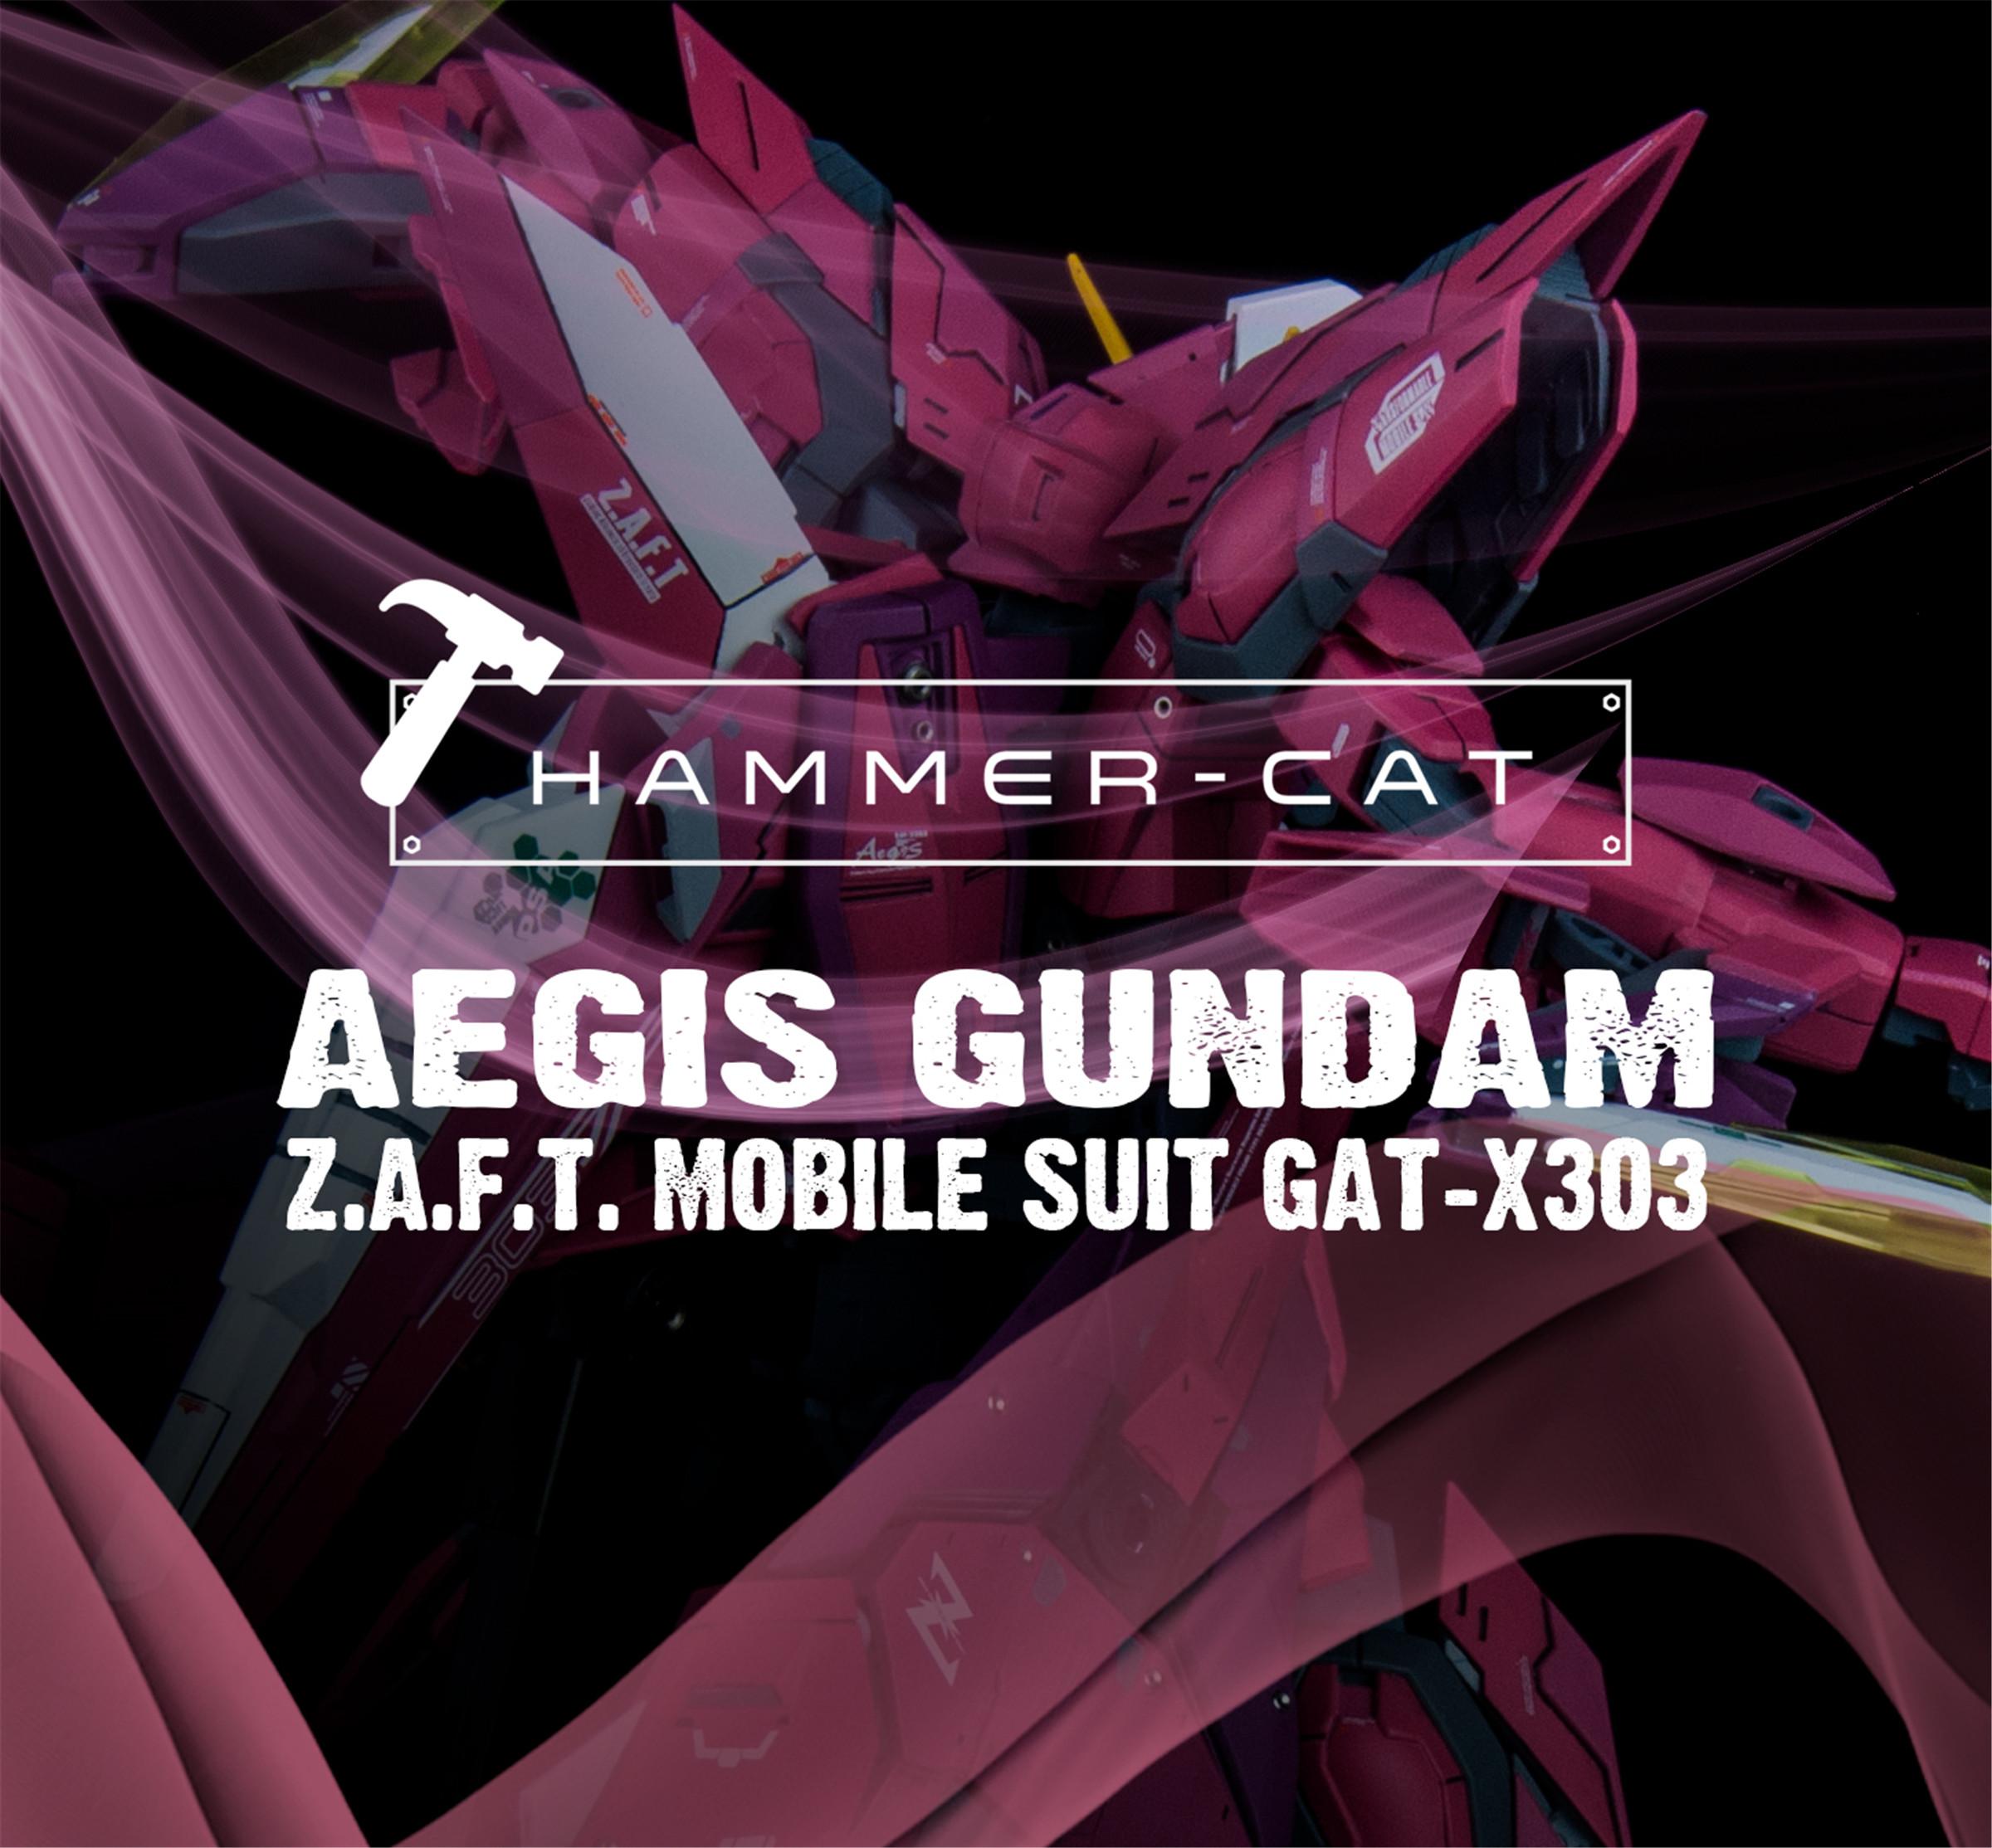 G579_GAT_X303_Aegis_Gundam_001.jpg